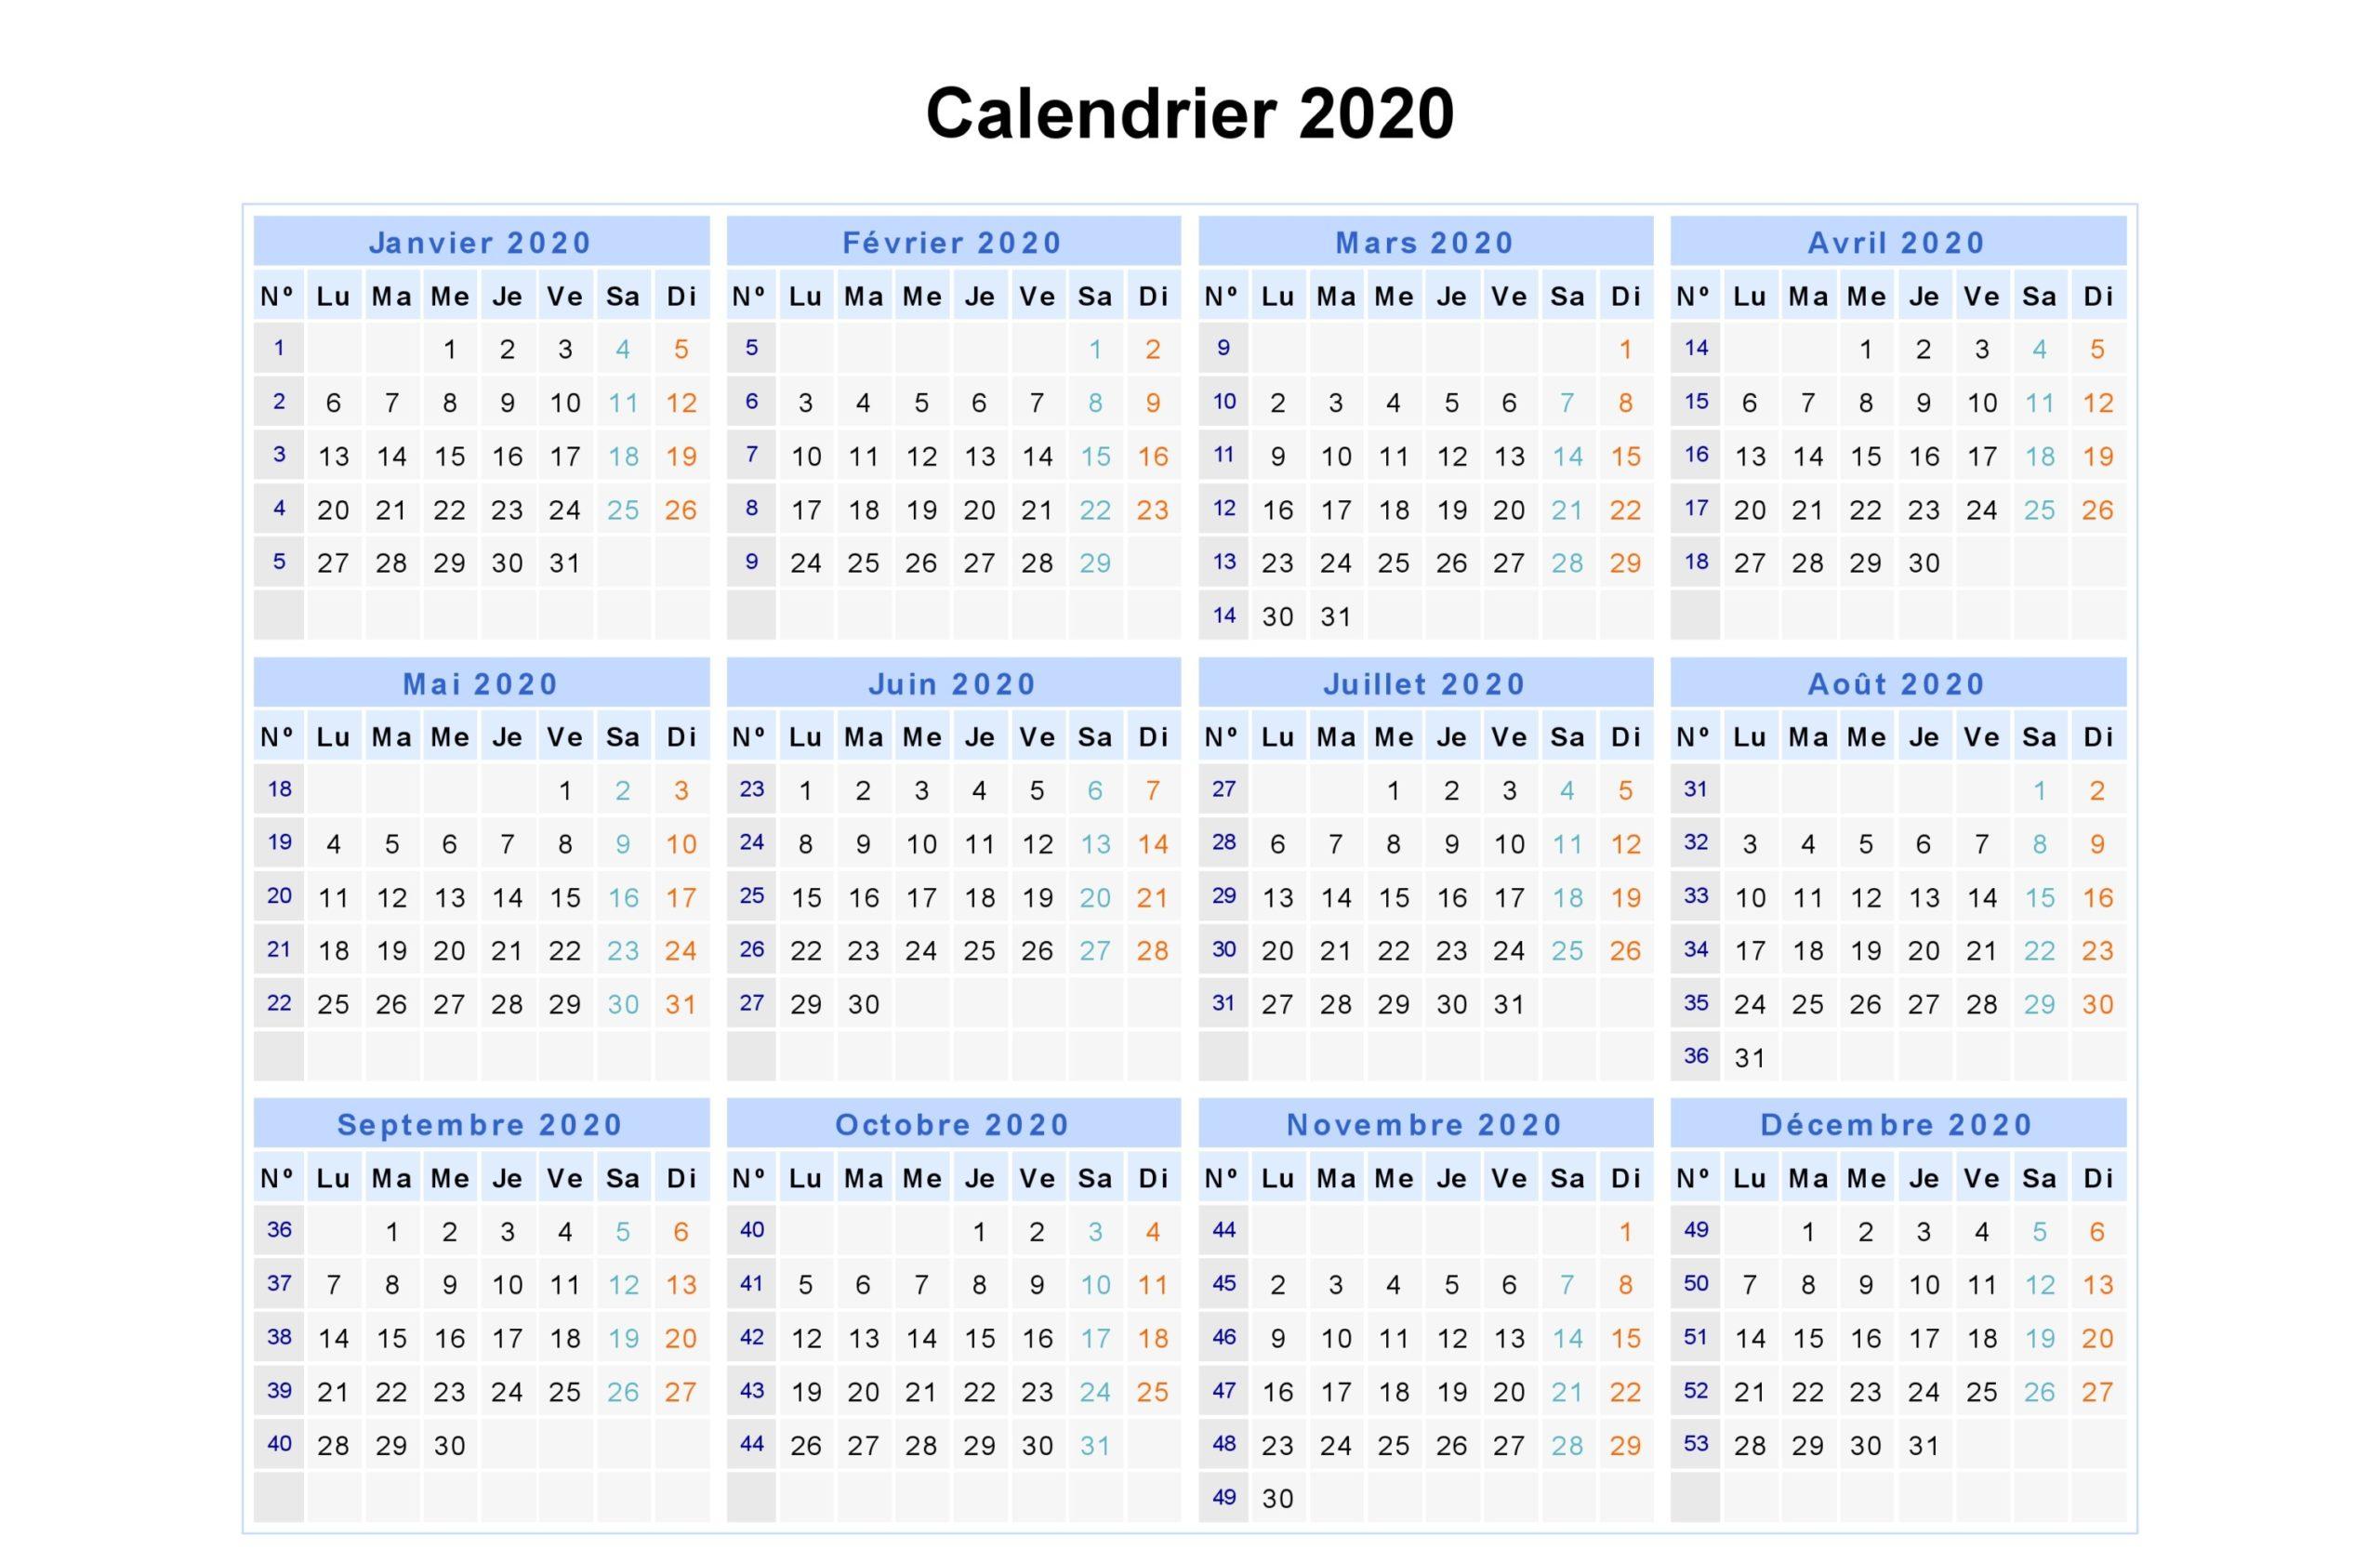 Maroc Calendrier 2020